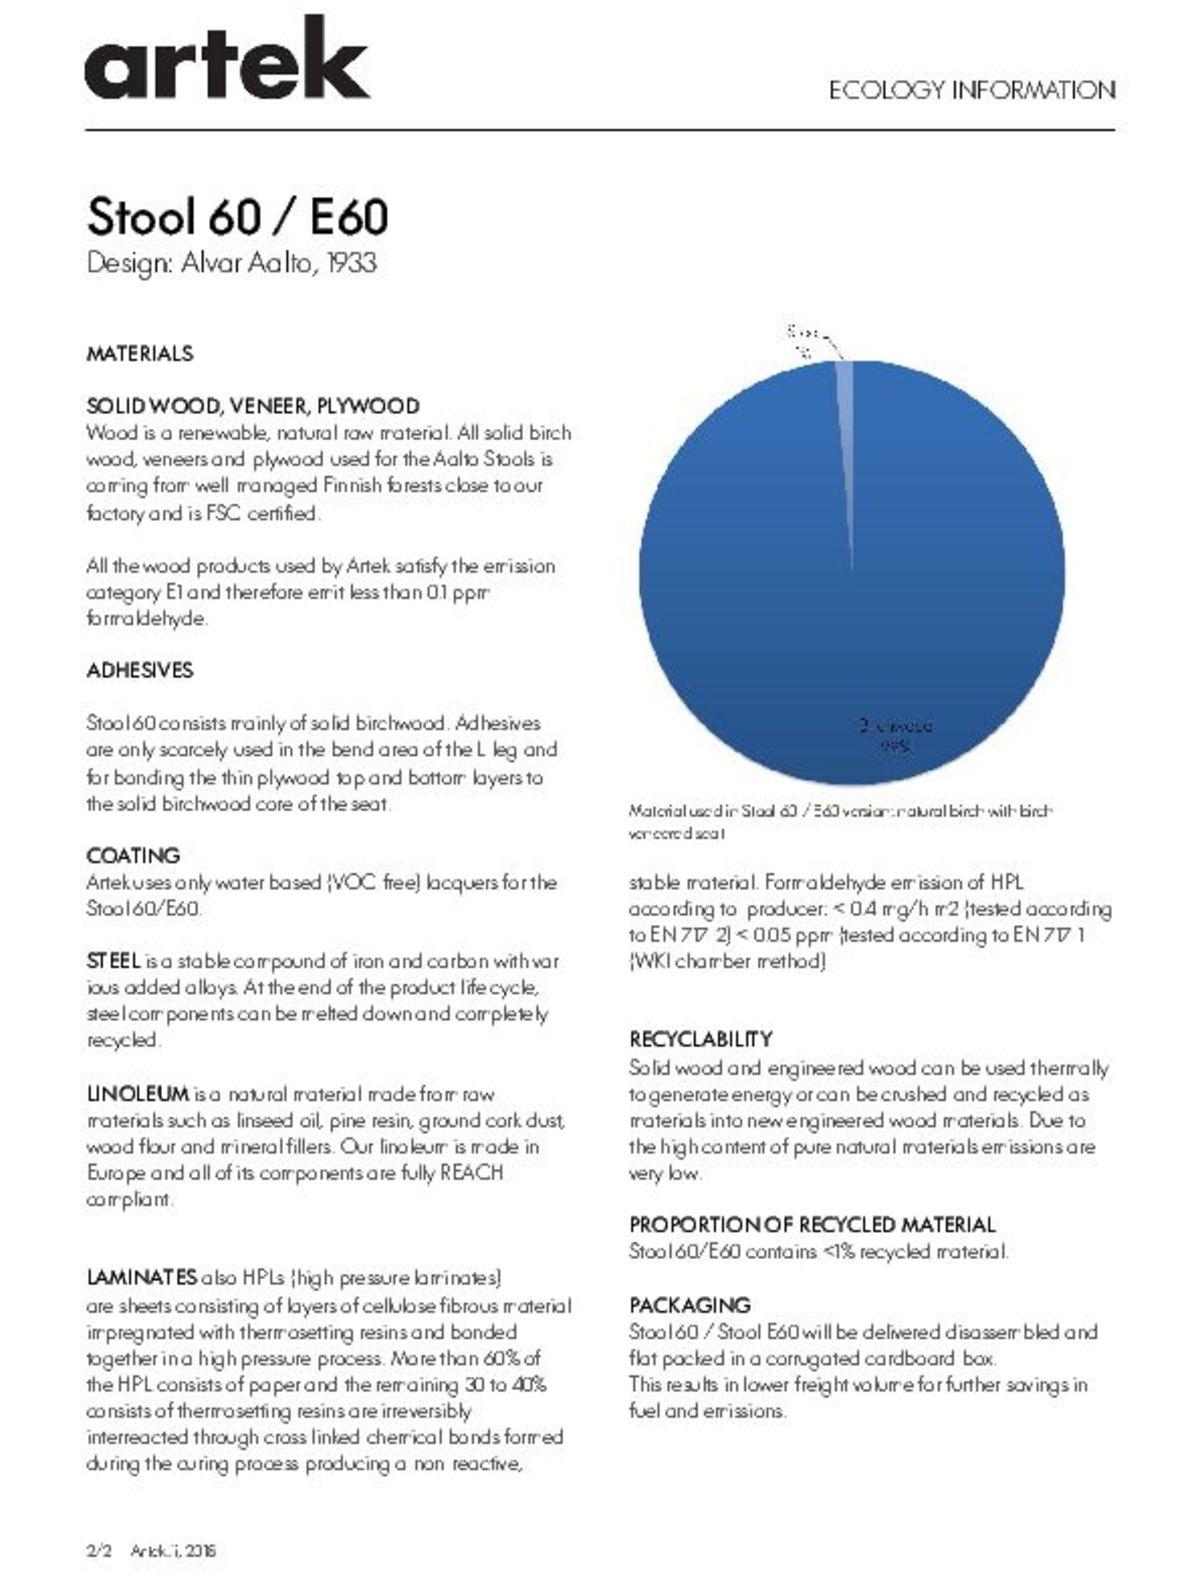 Ecology-Document-Stool-60-E60-130826029